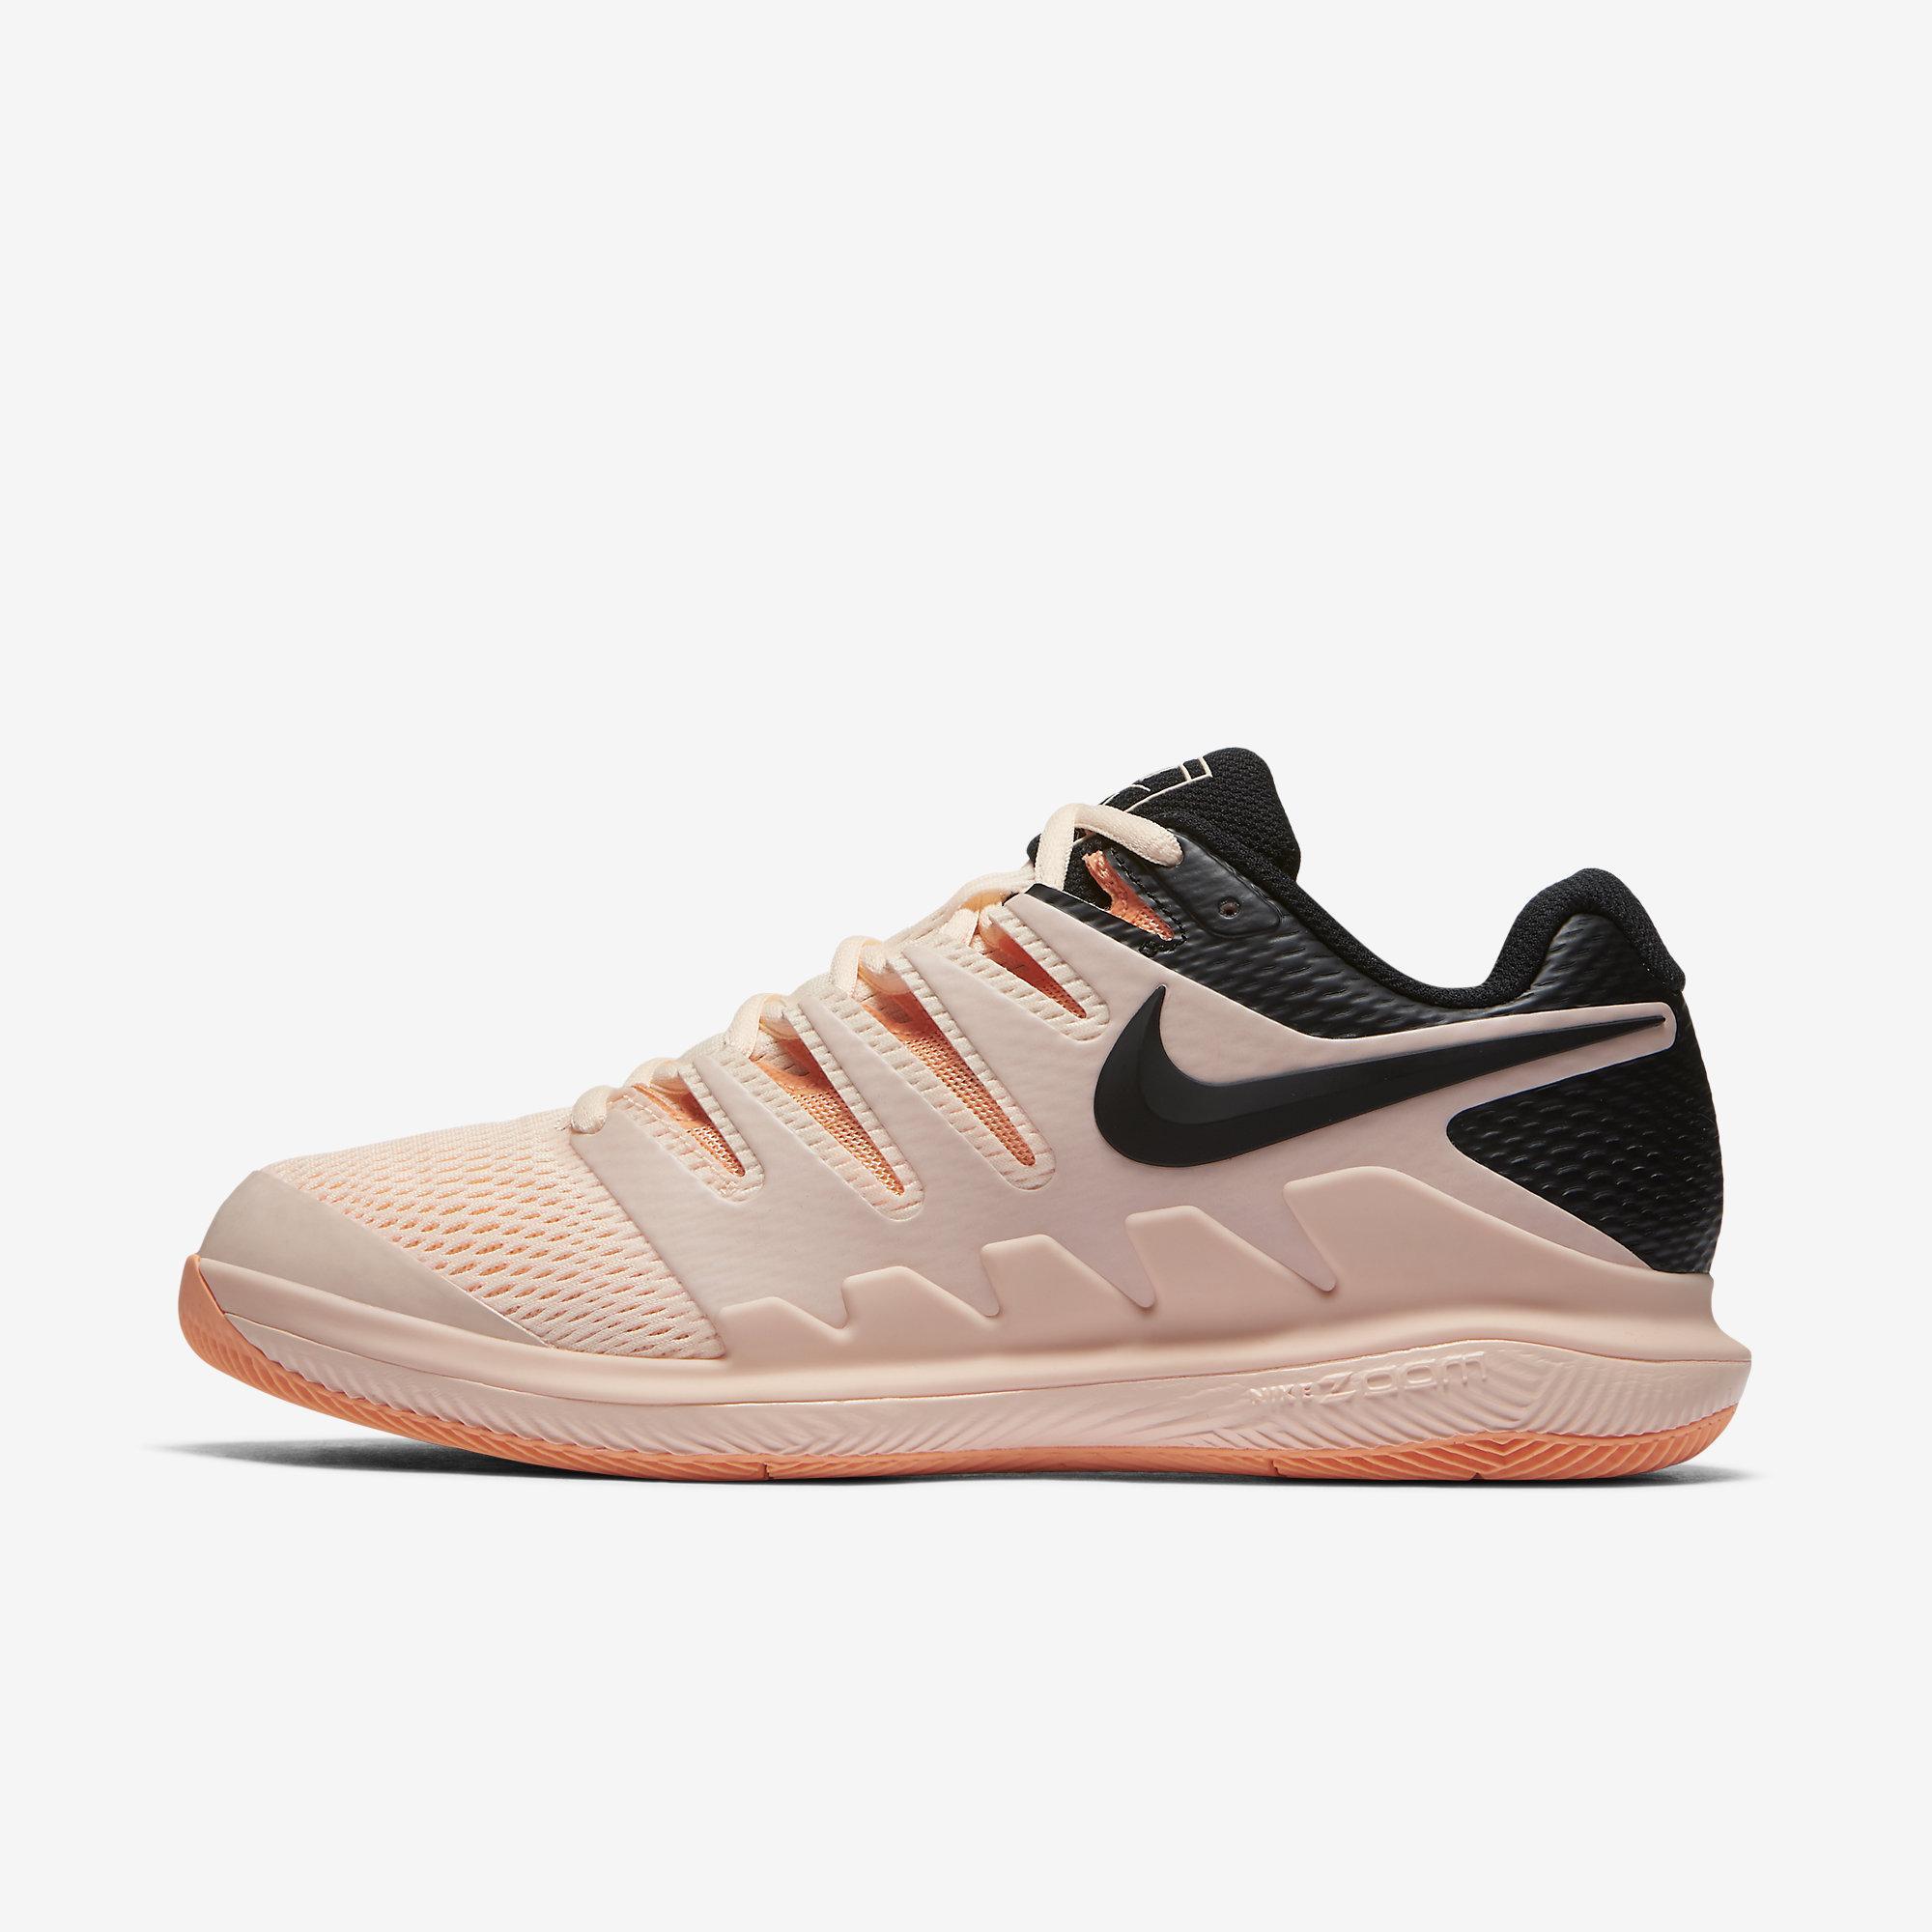 0a39fe58e Nike Womens Air Zoom Vapor X Tennis Shoes - Crimson Tint - Tennisnuts.com